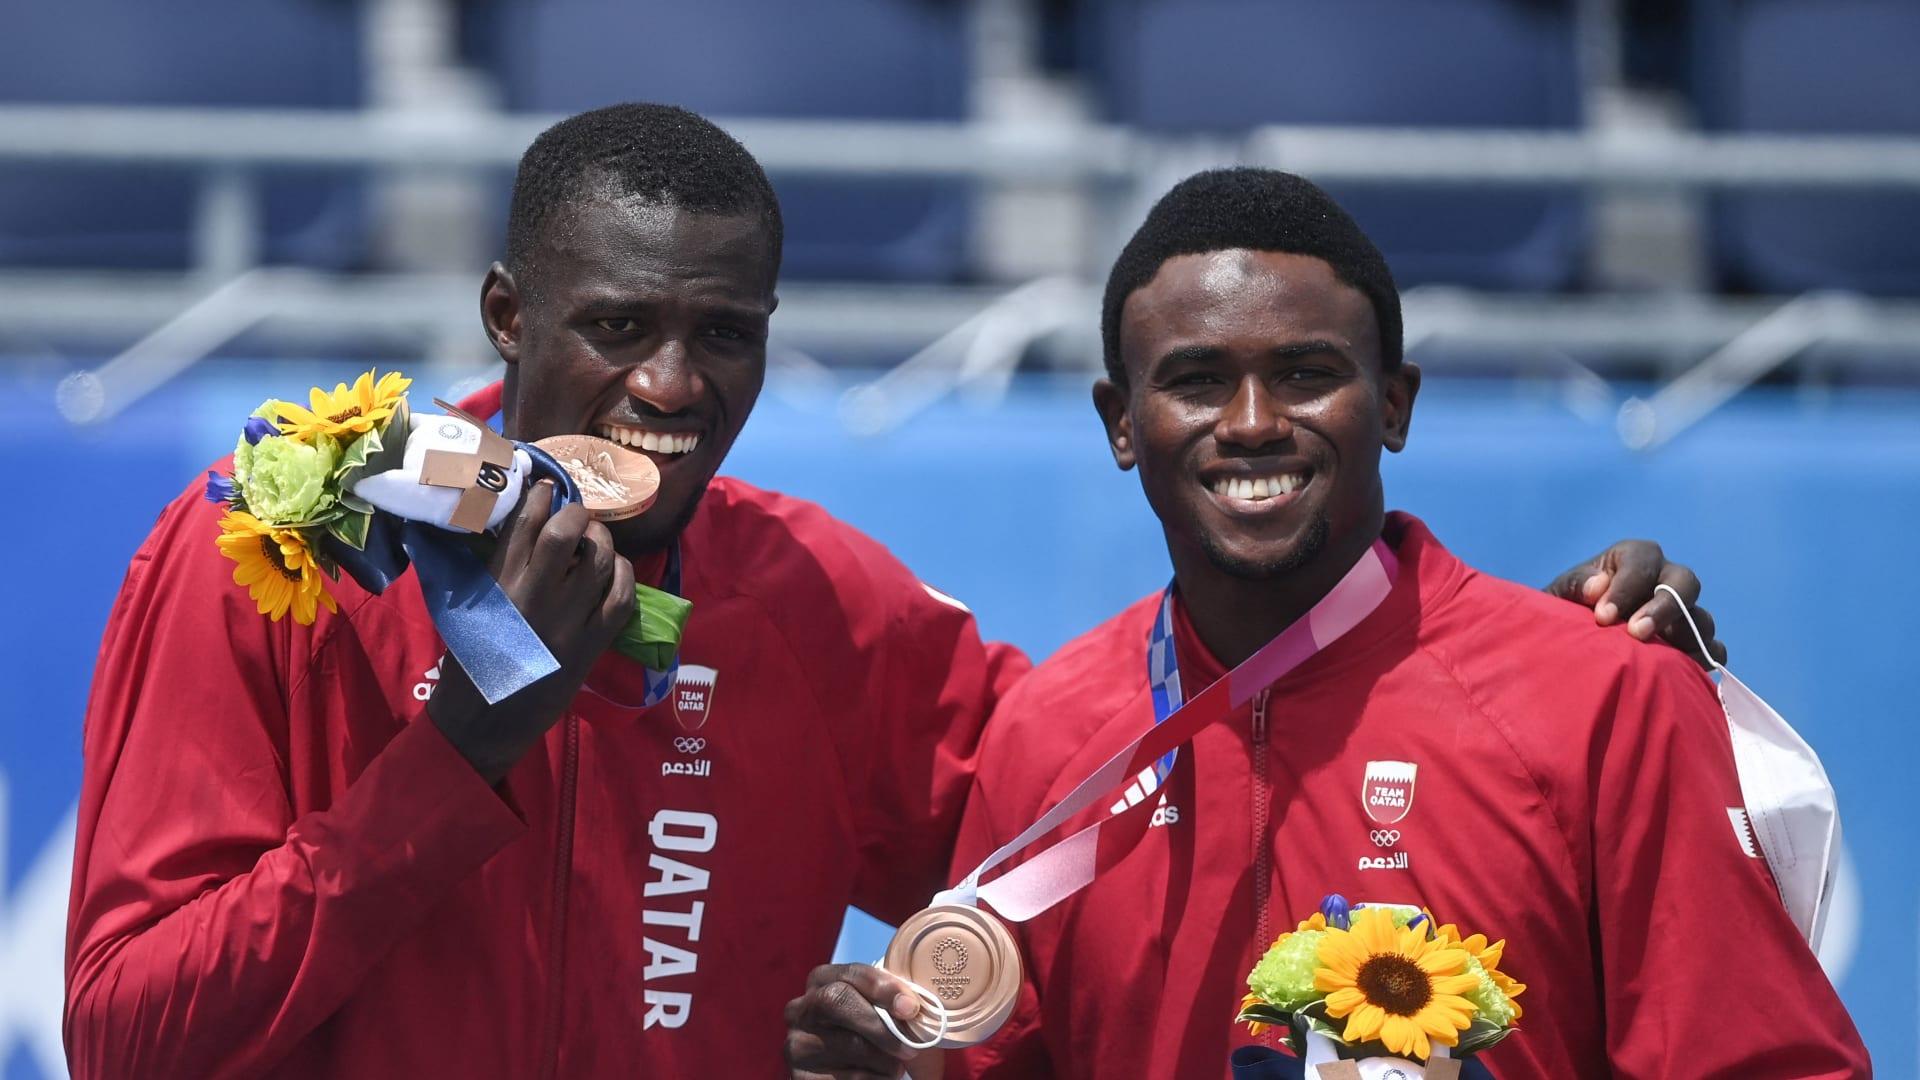 قطر تحقق أول مديالية عربية بالألعاب الجماعية في أولمبياد طوكيو